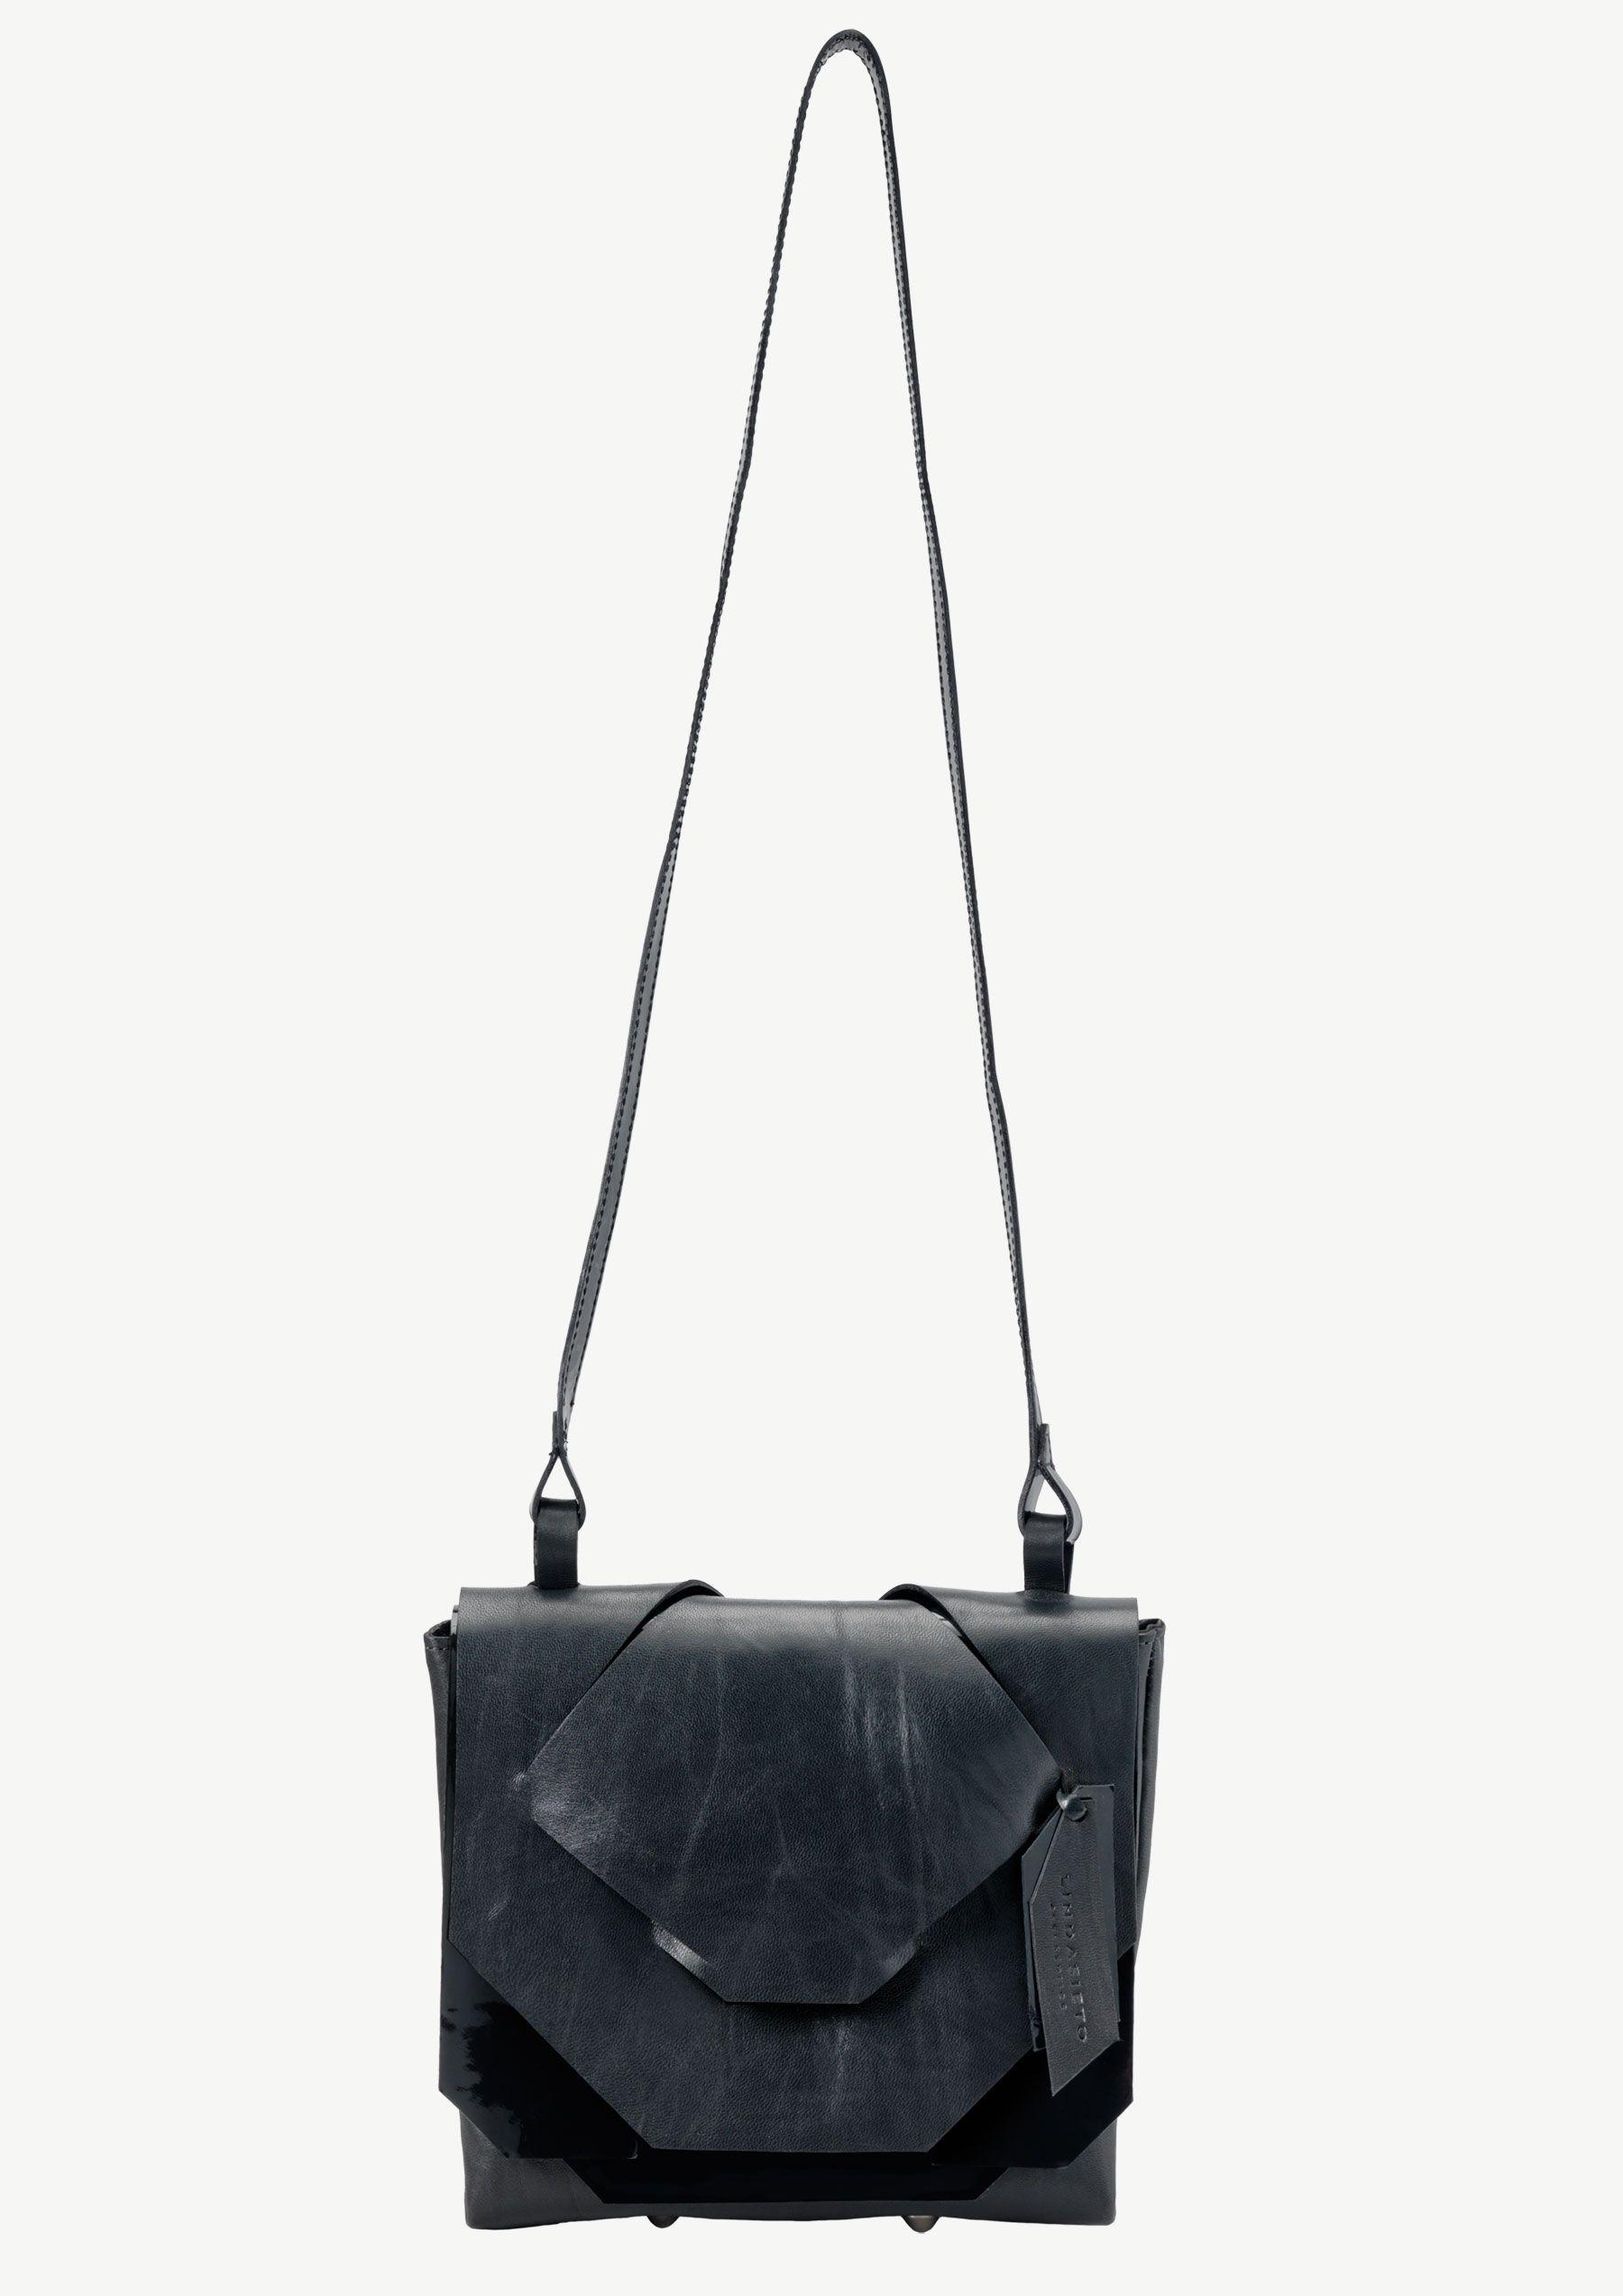 Mini Steel Blue Slashed Bag   Linda Sieto   Shop   NOT JUST A LABEL